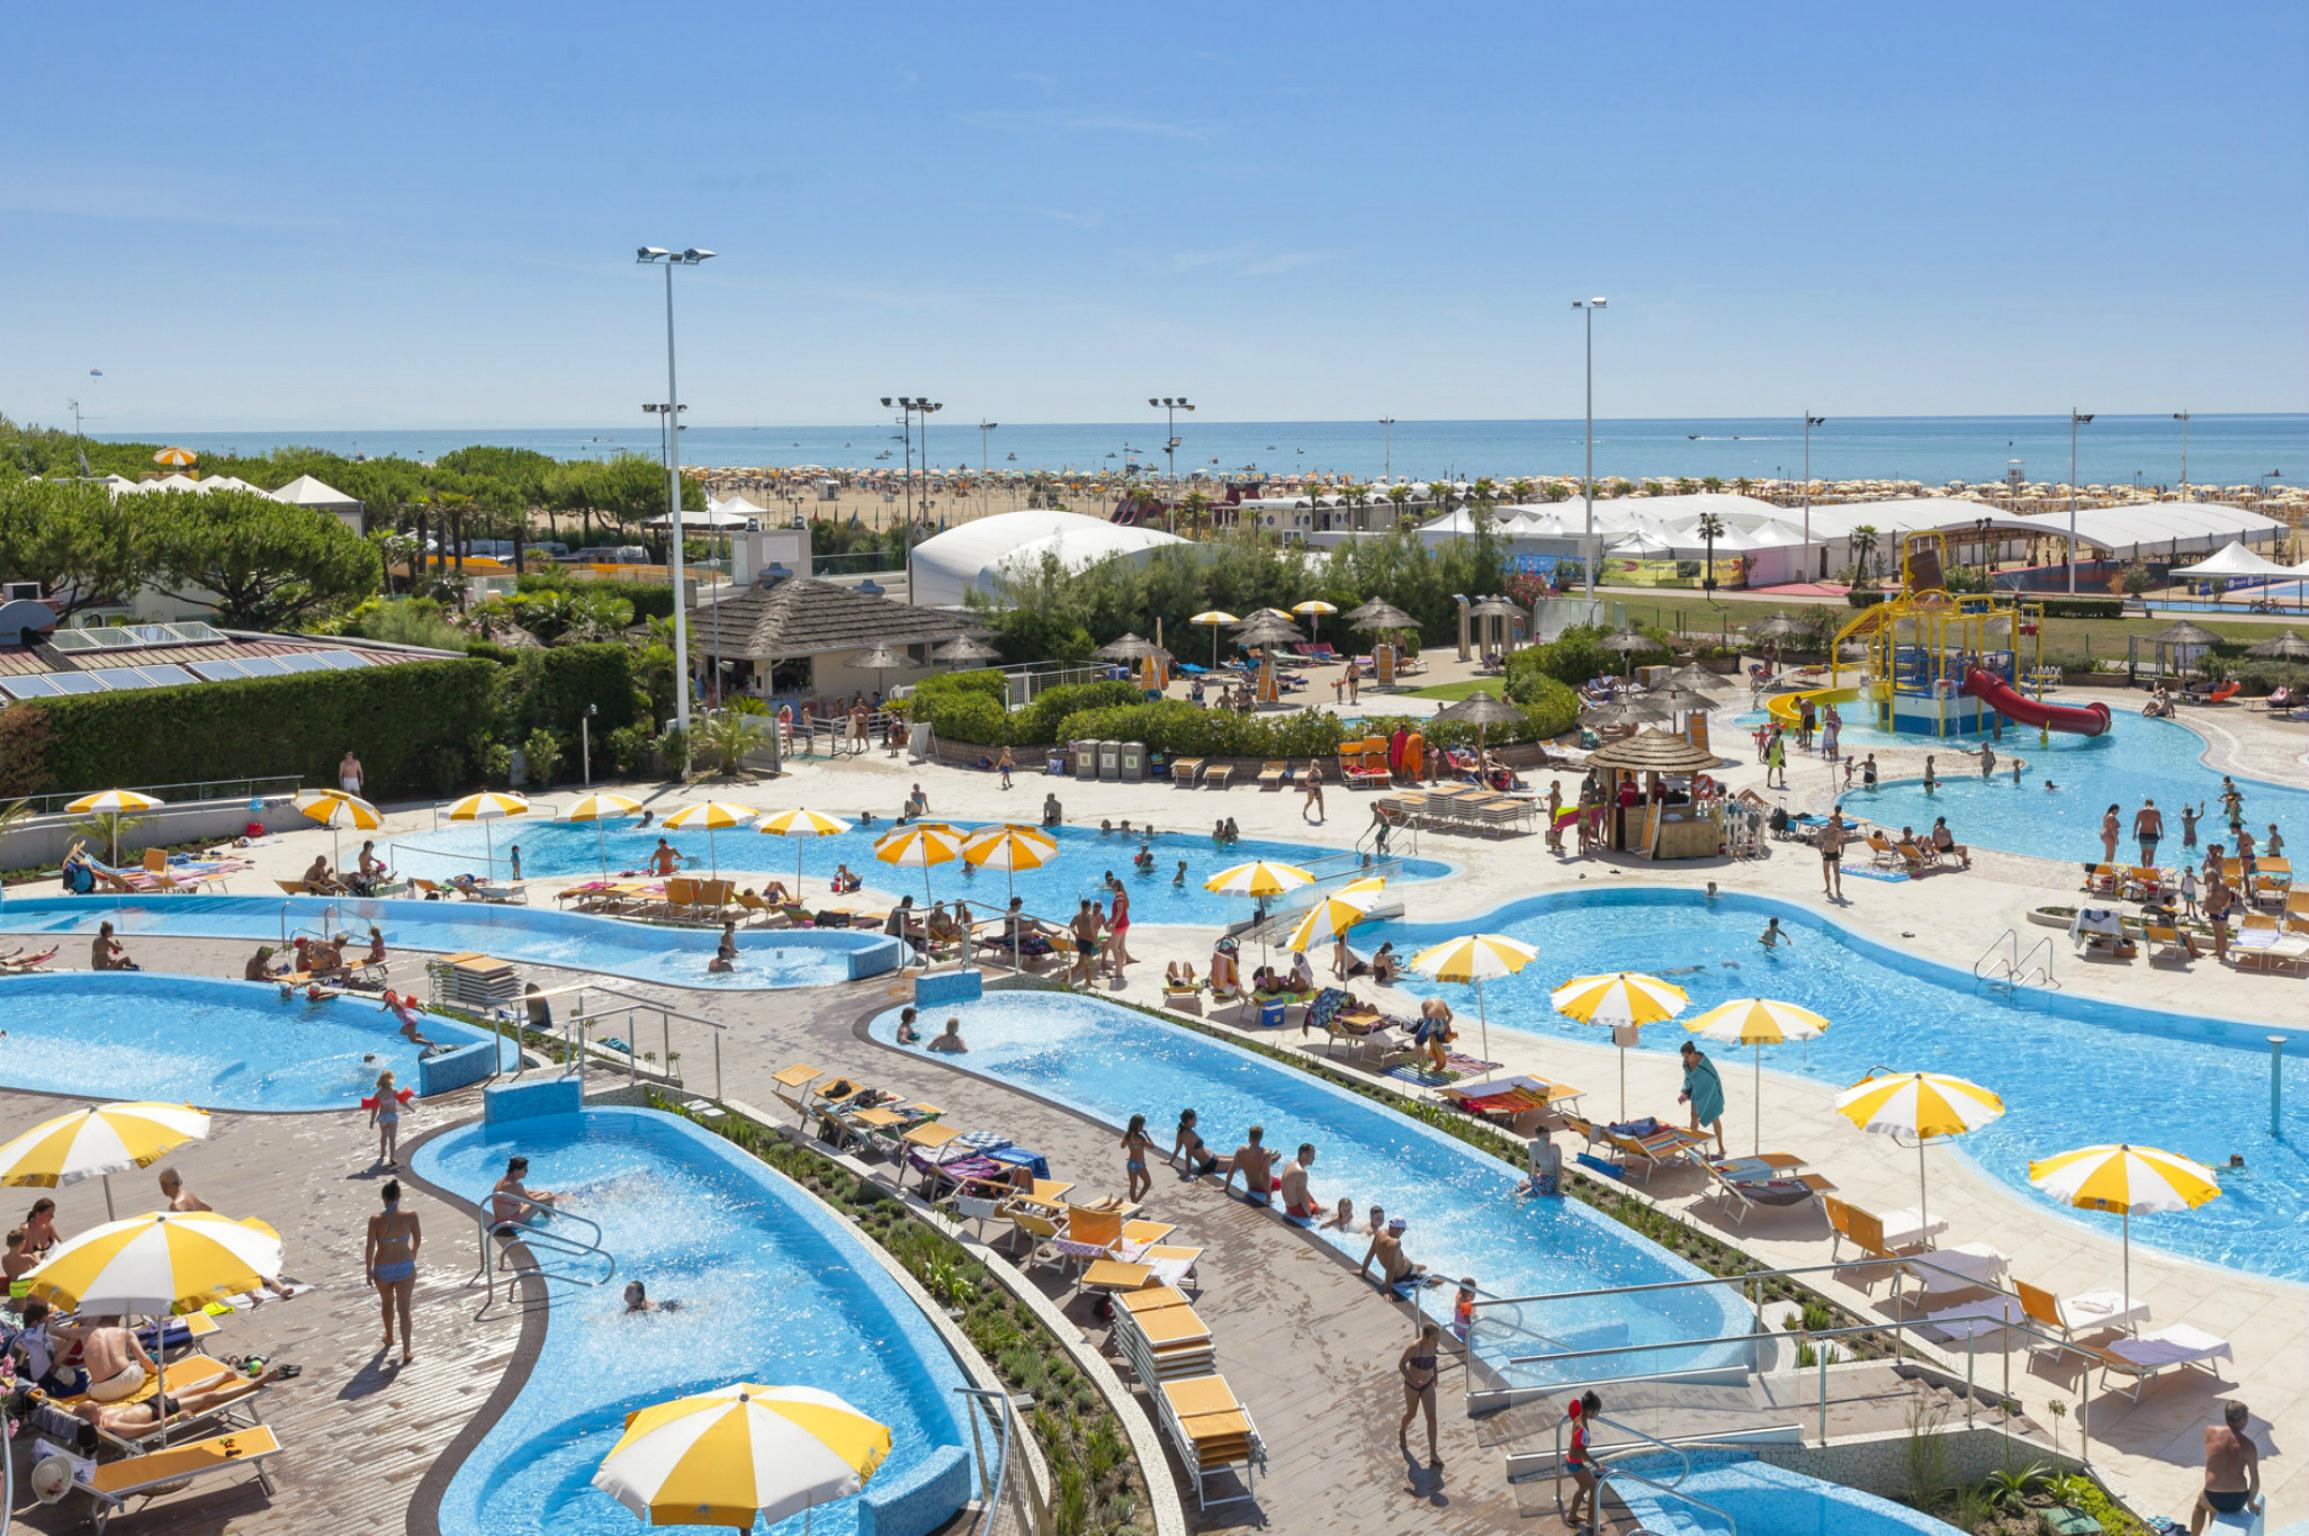 Camping Residence Il Tridente: Villaggio per bambini al ...